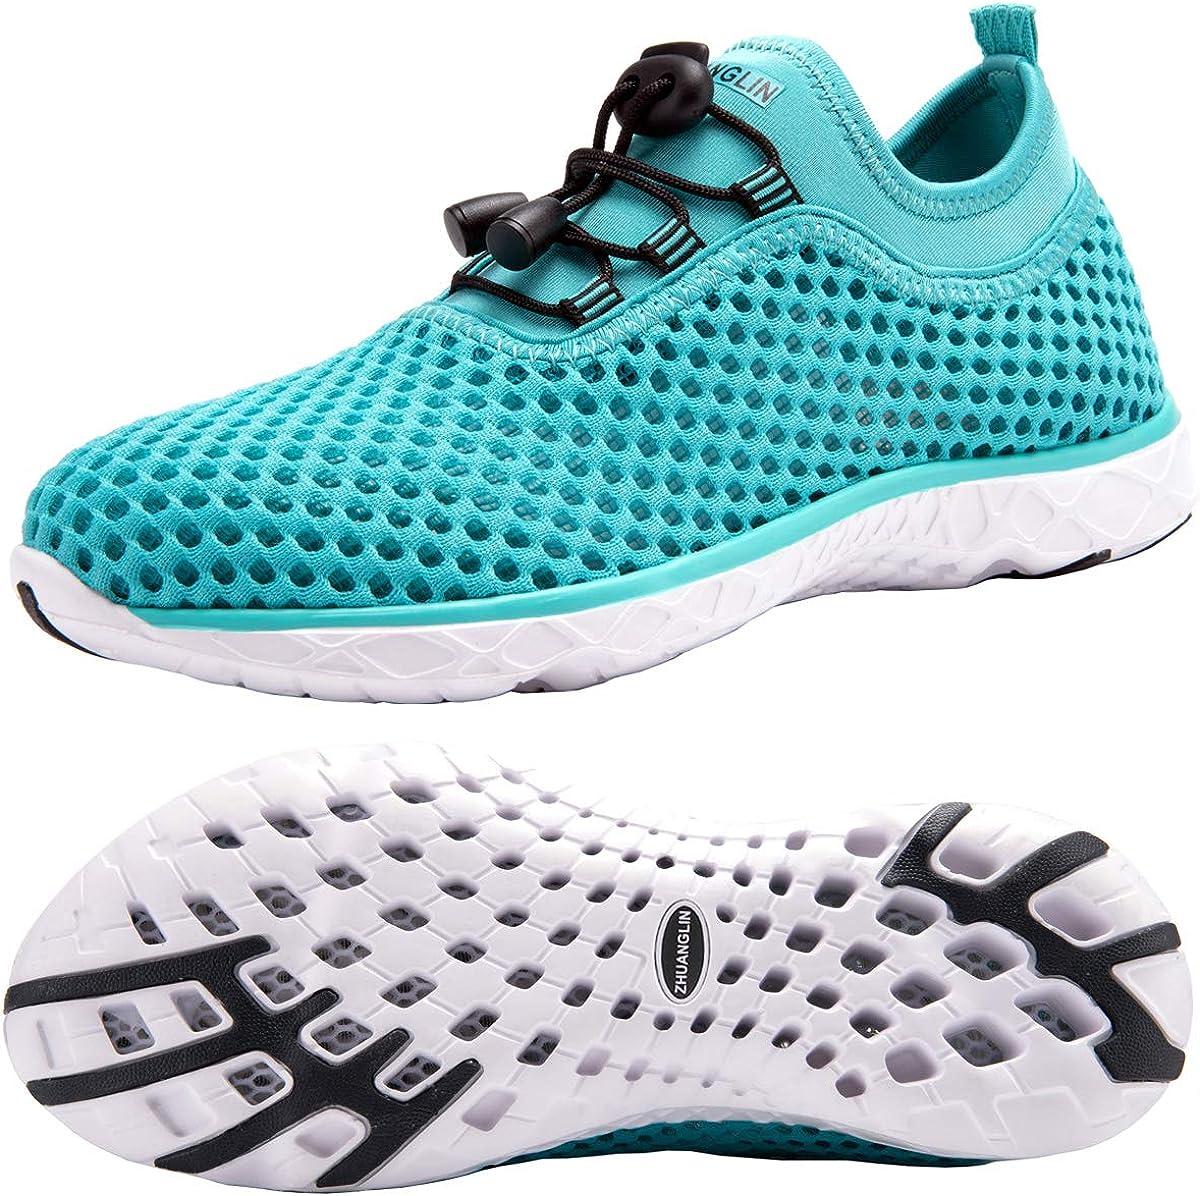 Zhuanglin Deluxe Women's Quick Drying Aqua Casual Water Max 40% OFF Walking S Shoes